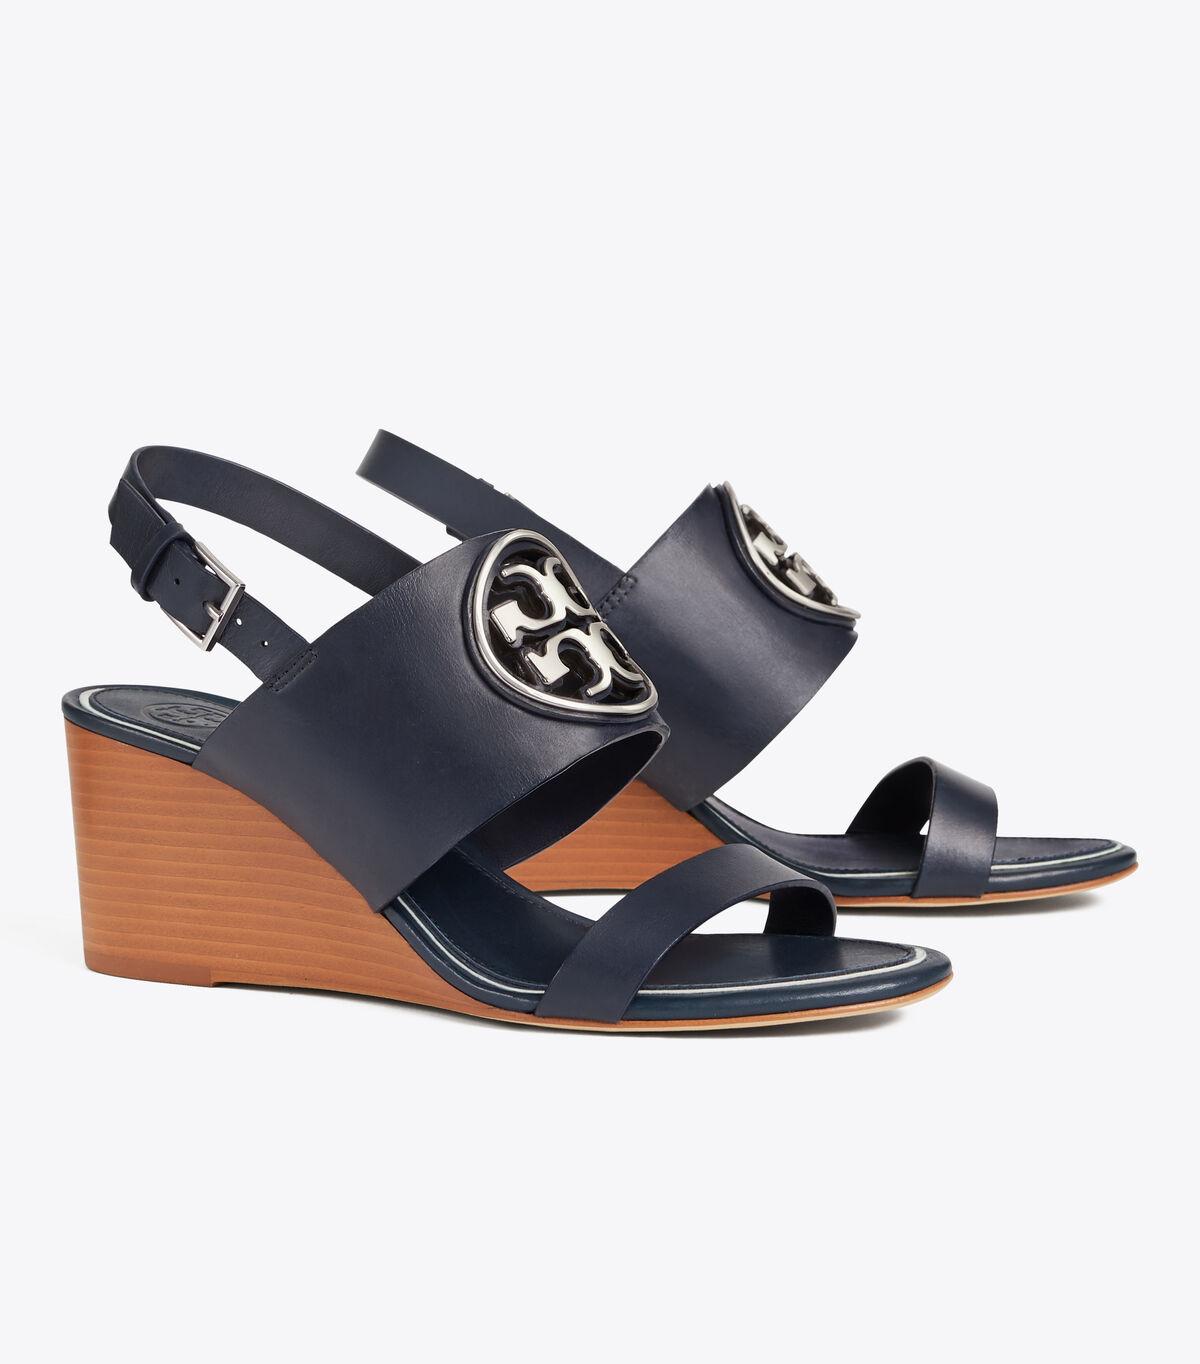 حذاء ميتال ميلر بكعب 65 مم/ 430/ أحذية بكعب روكي